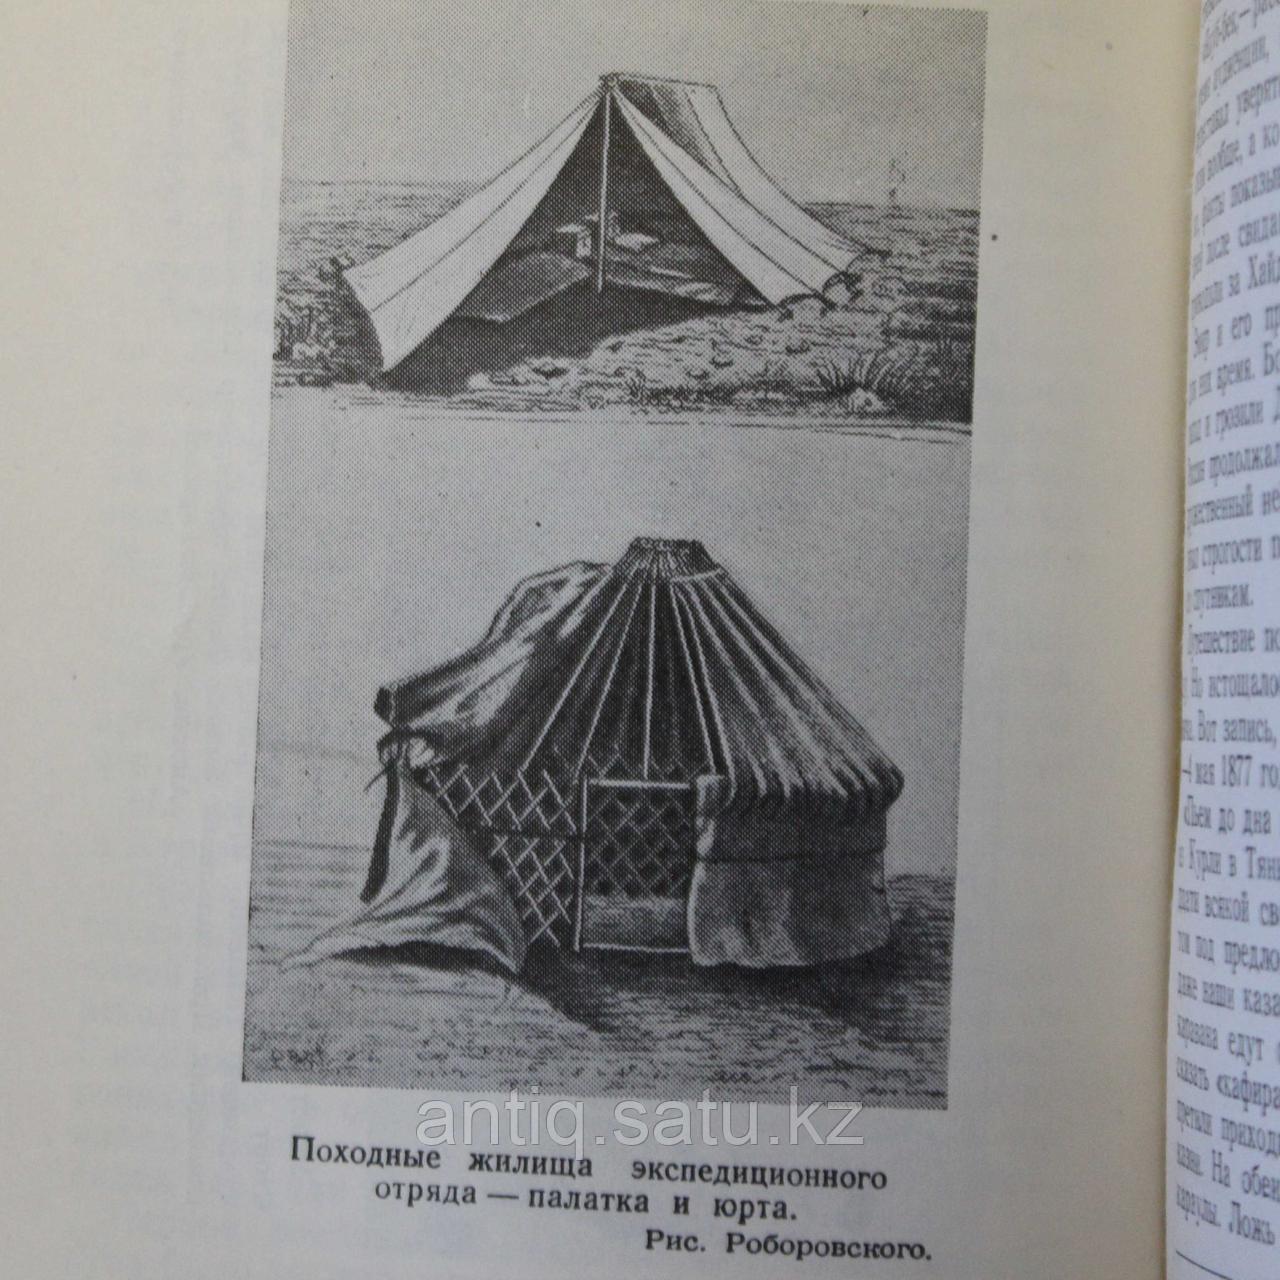 Пржевальский Редкая старая книга о Путешествиях по Центральной Азии. - фото 6